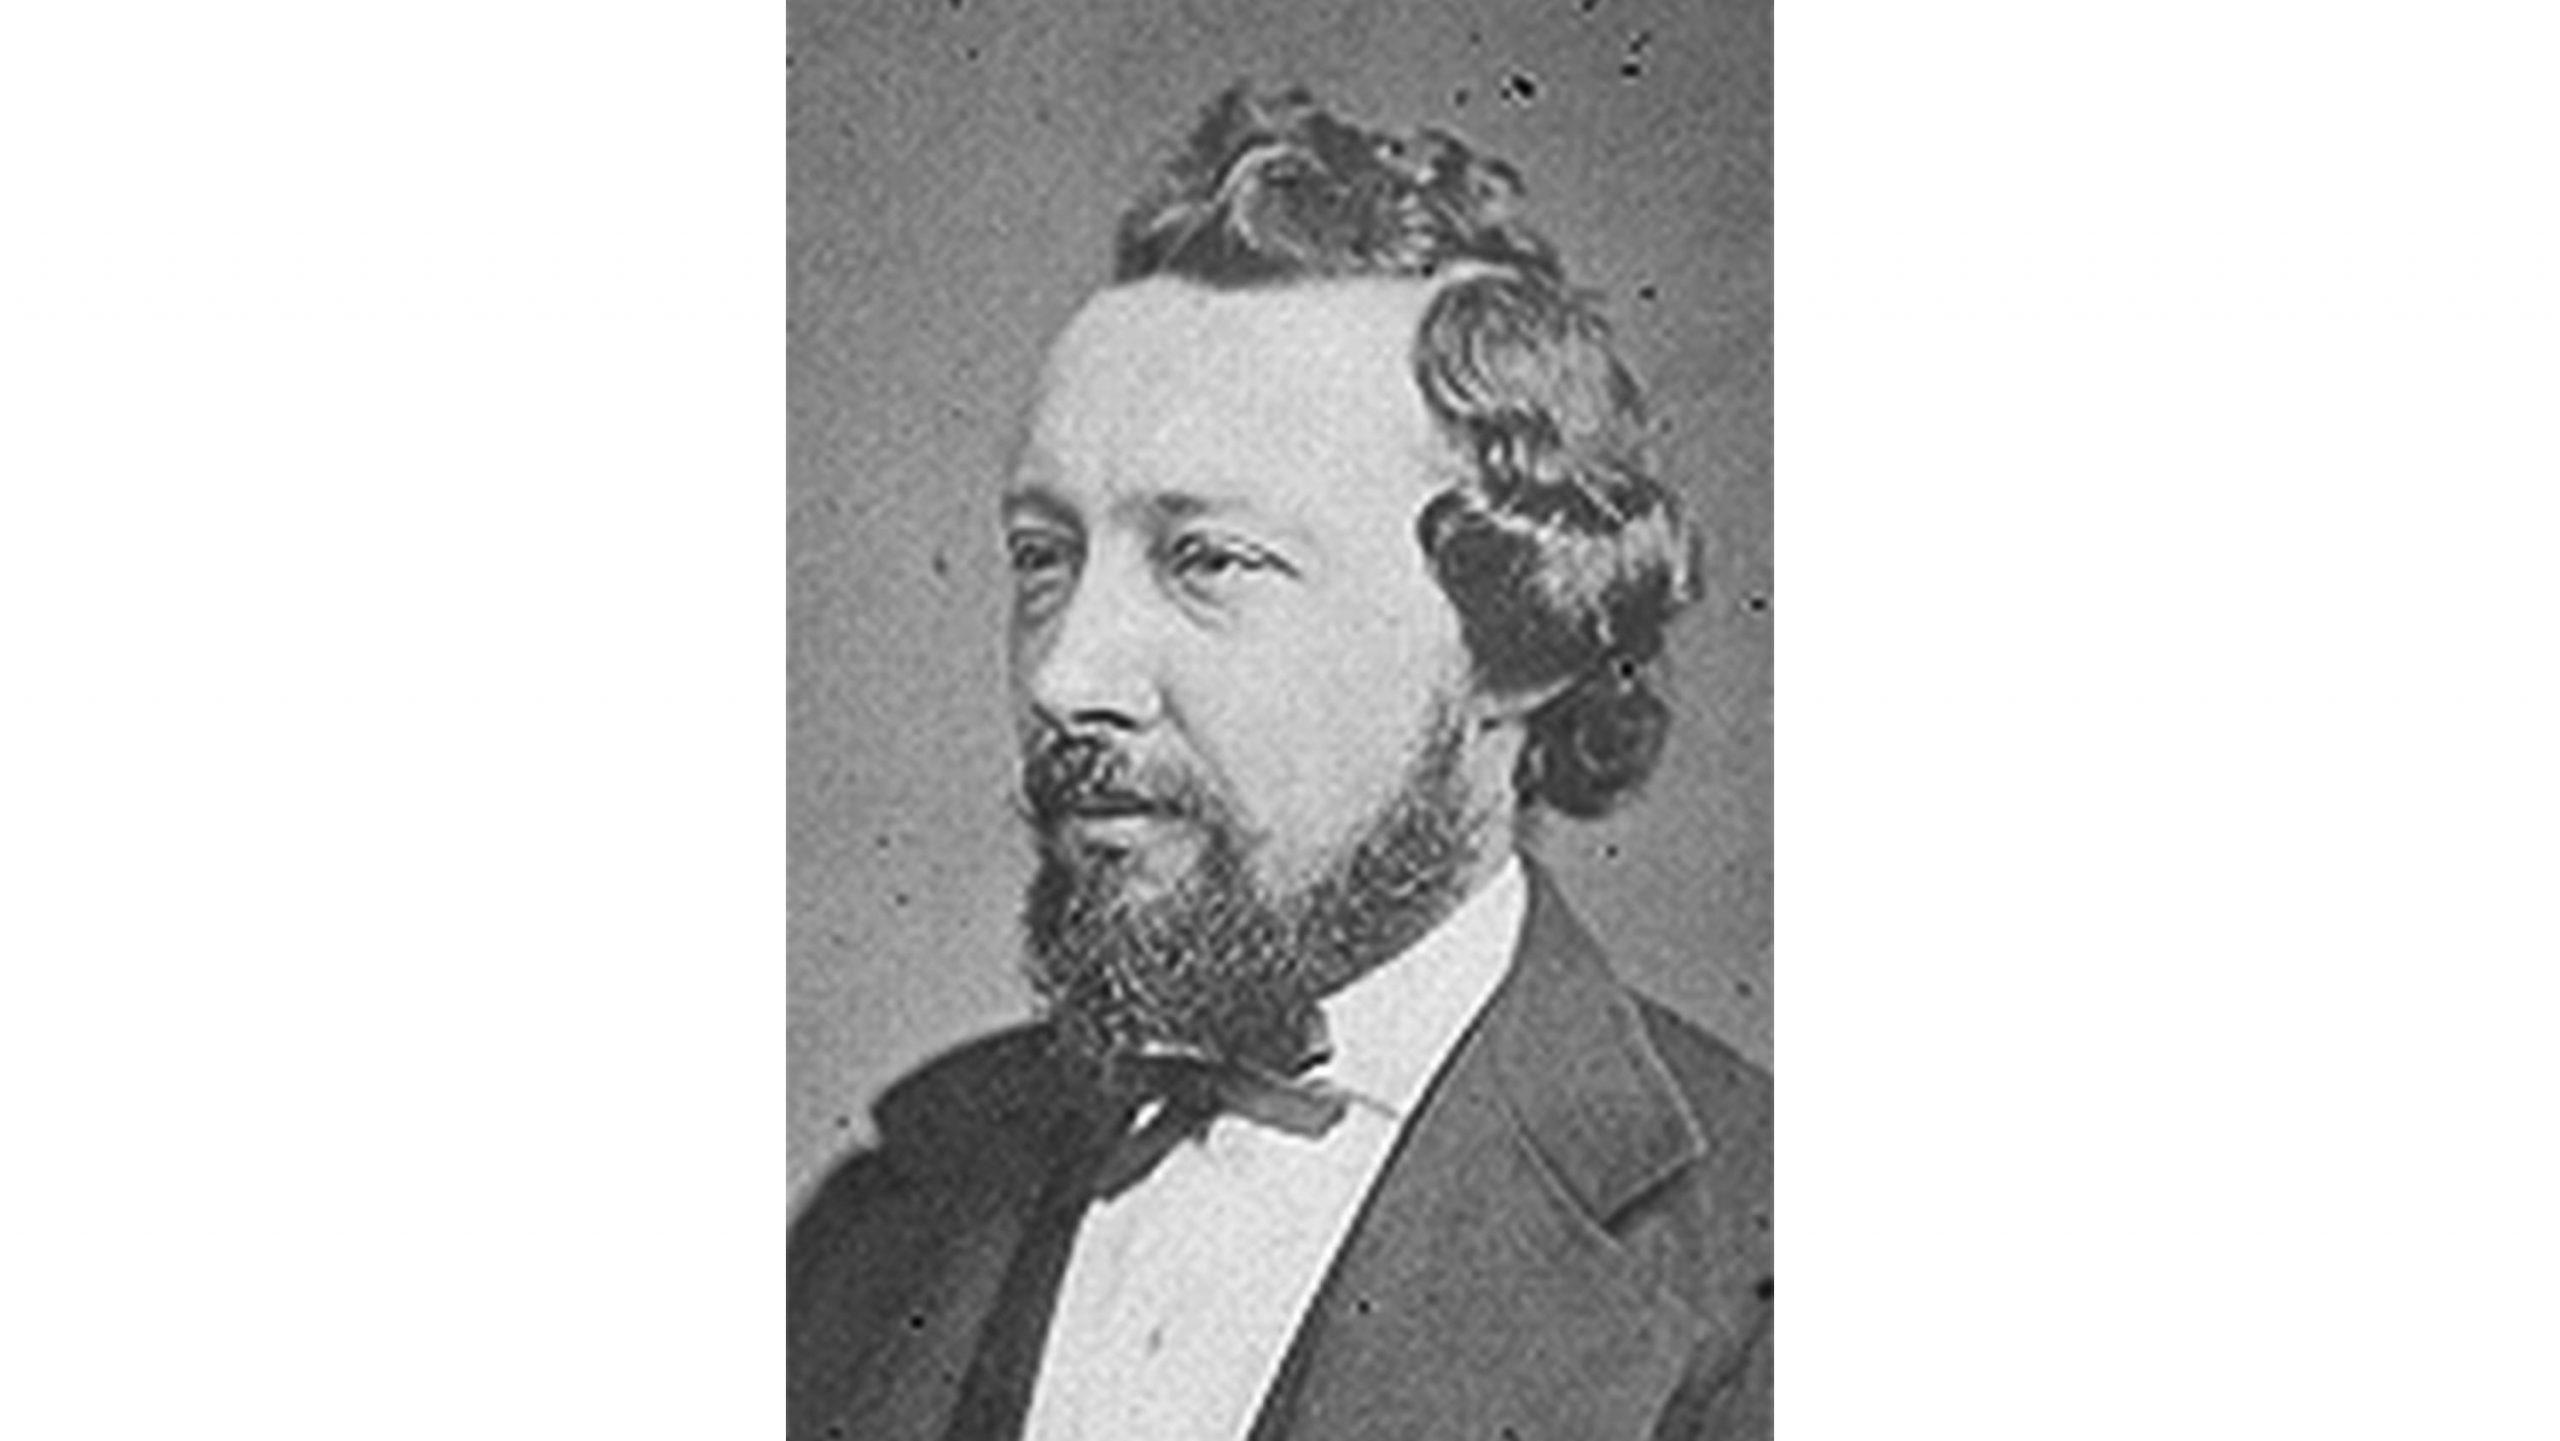 Johan-Hendrik-Caspar-Kern-Biografi-1